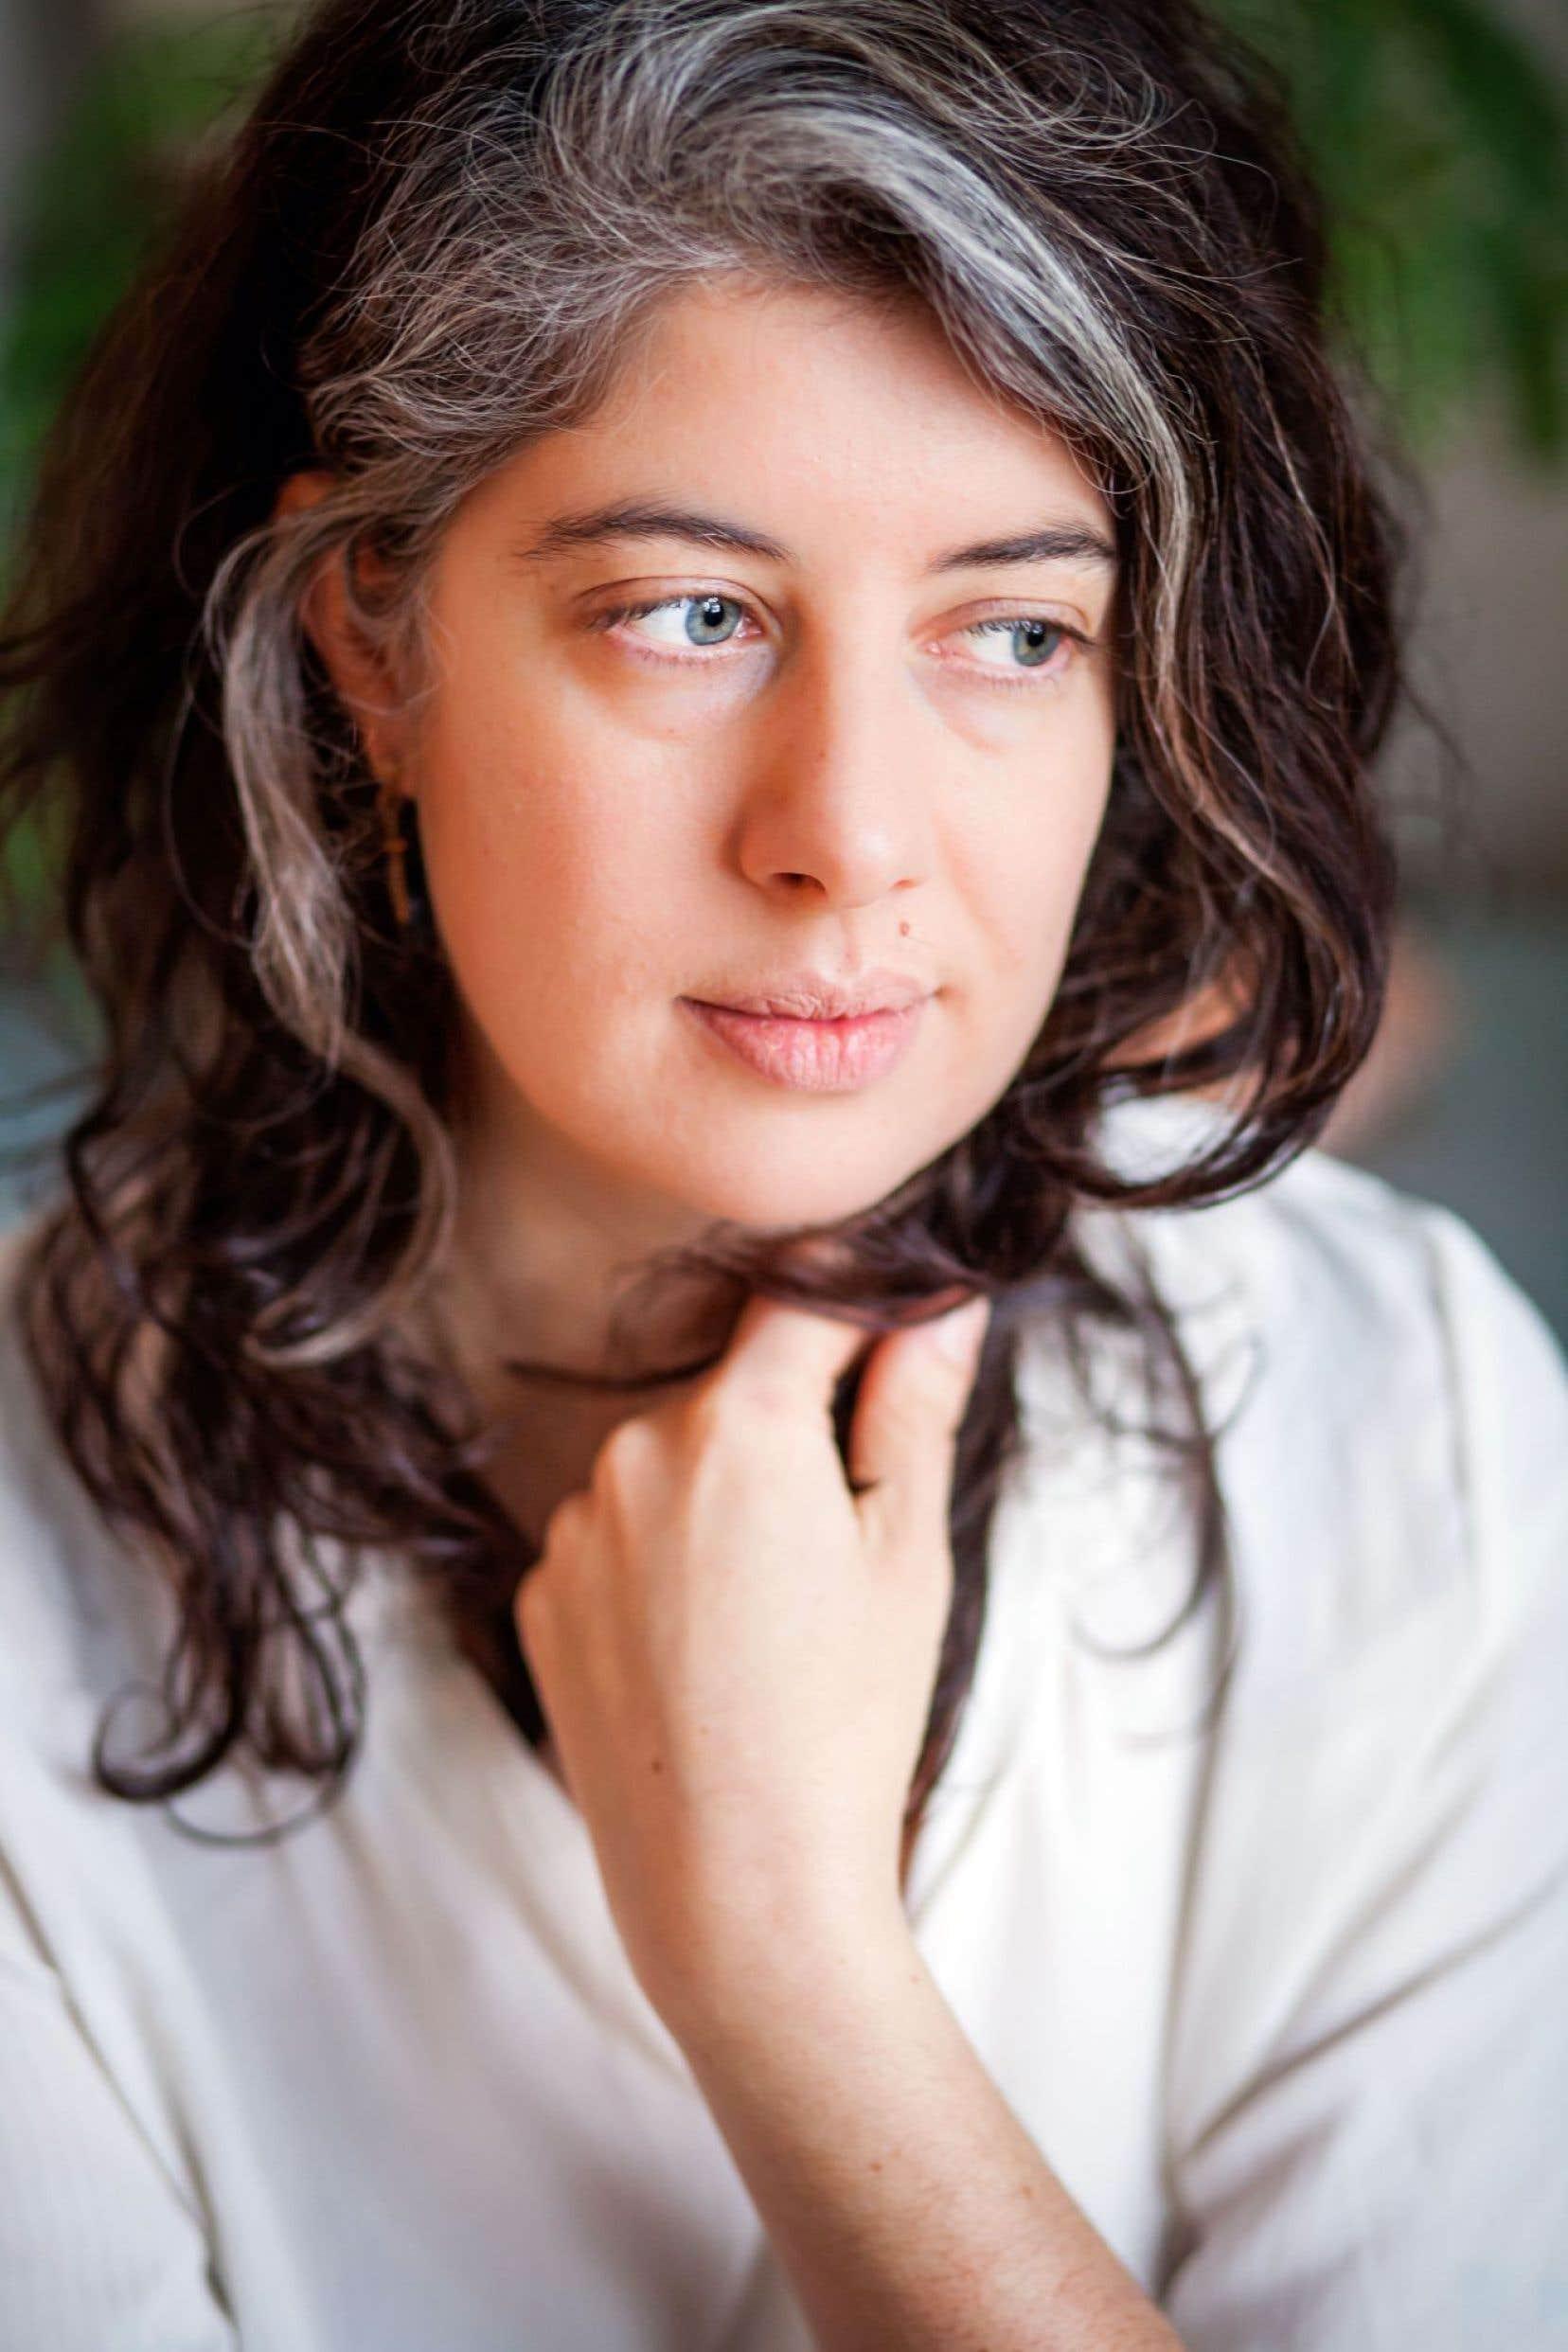 Anna Leventhal préfère l'incongru, l'indicible, le lent étiolement des relations.